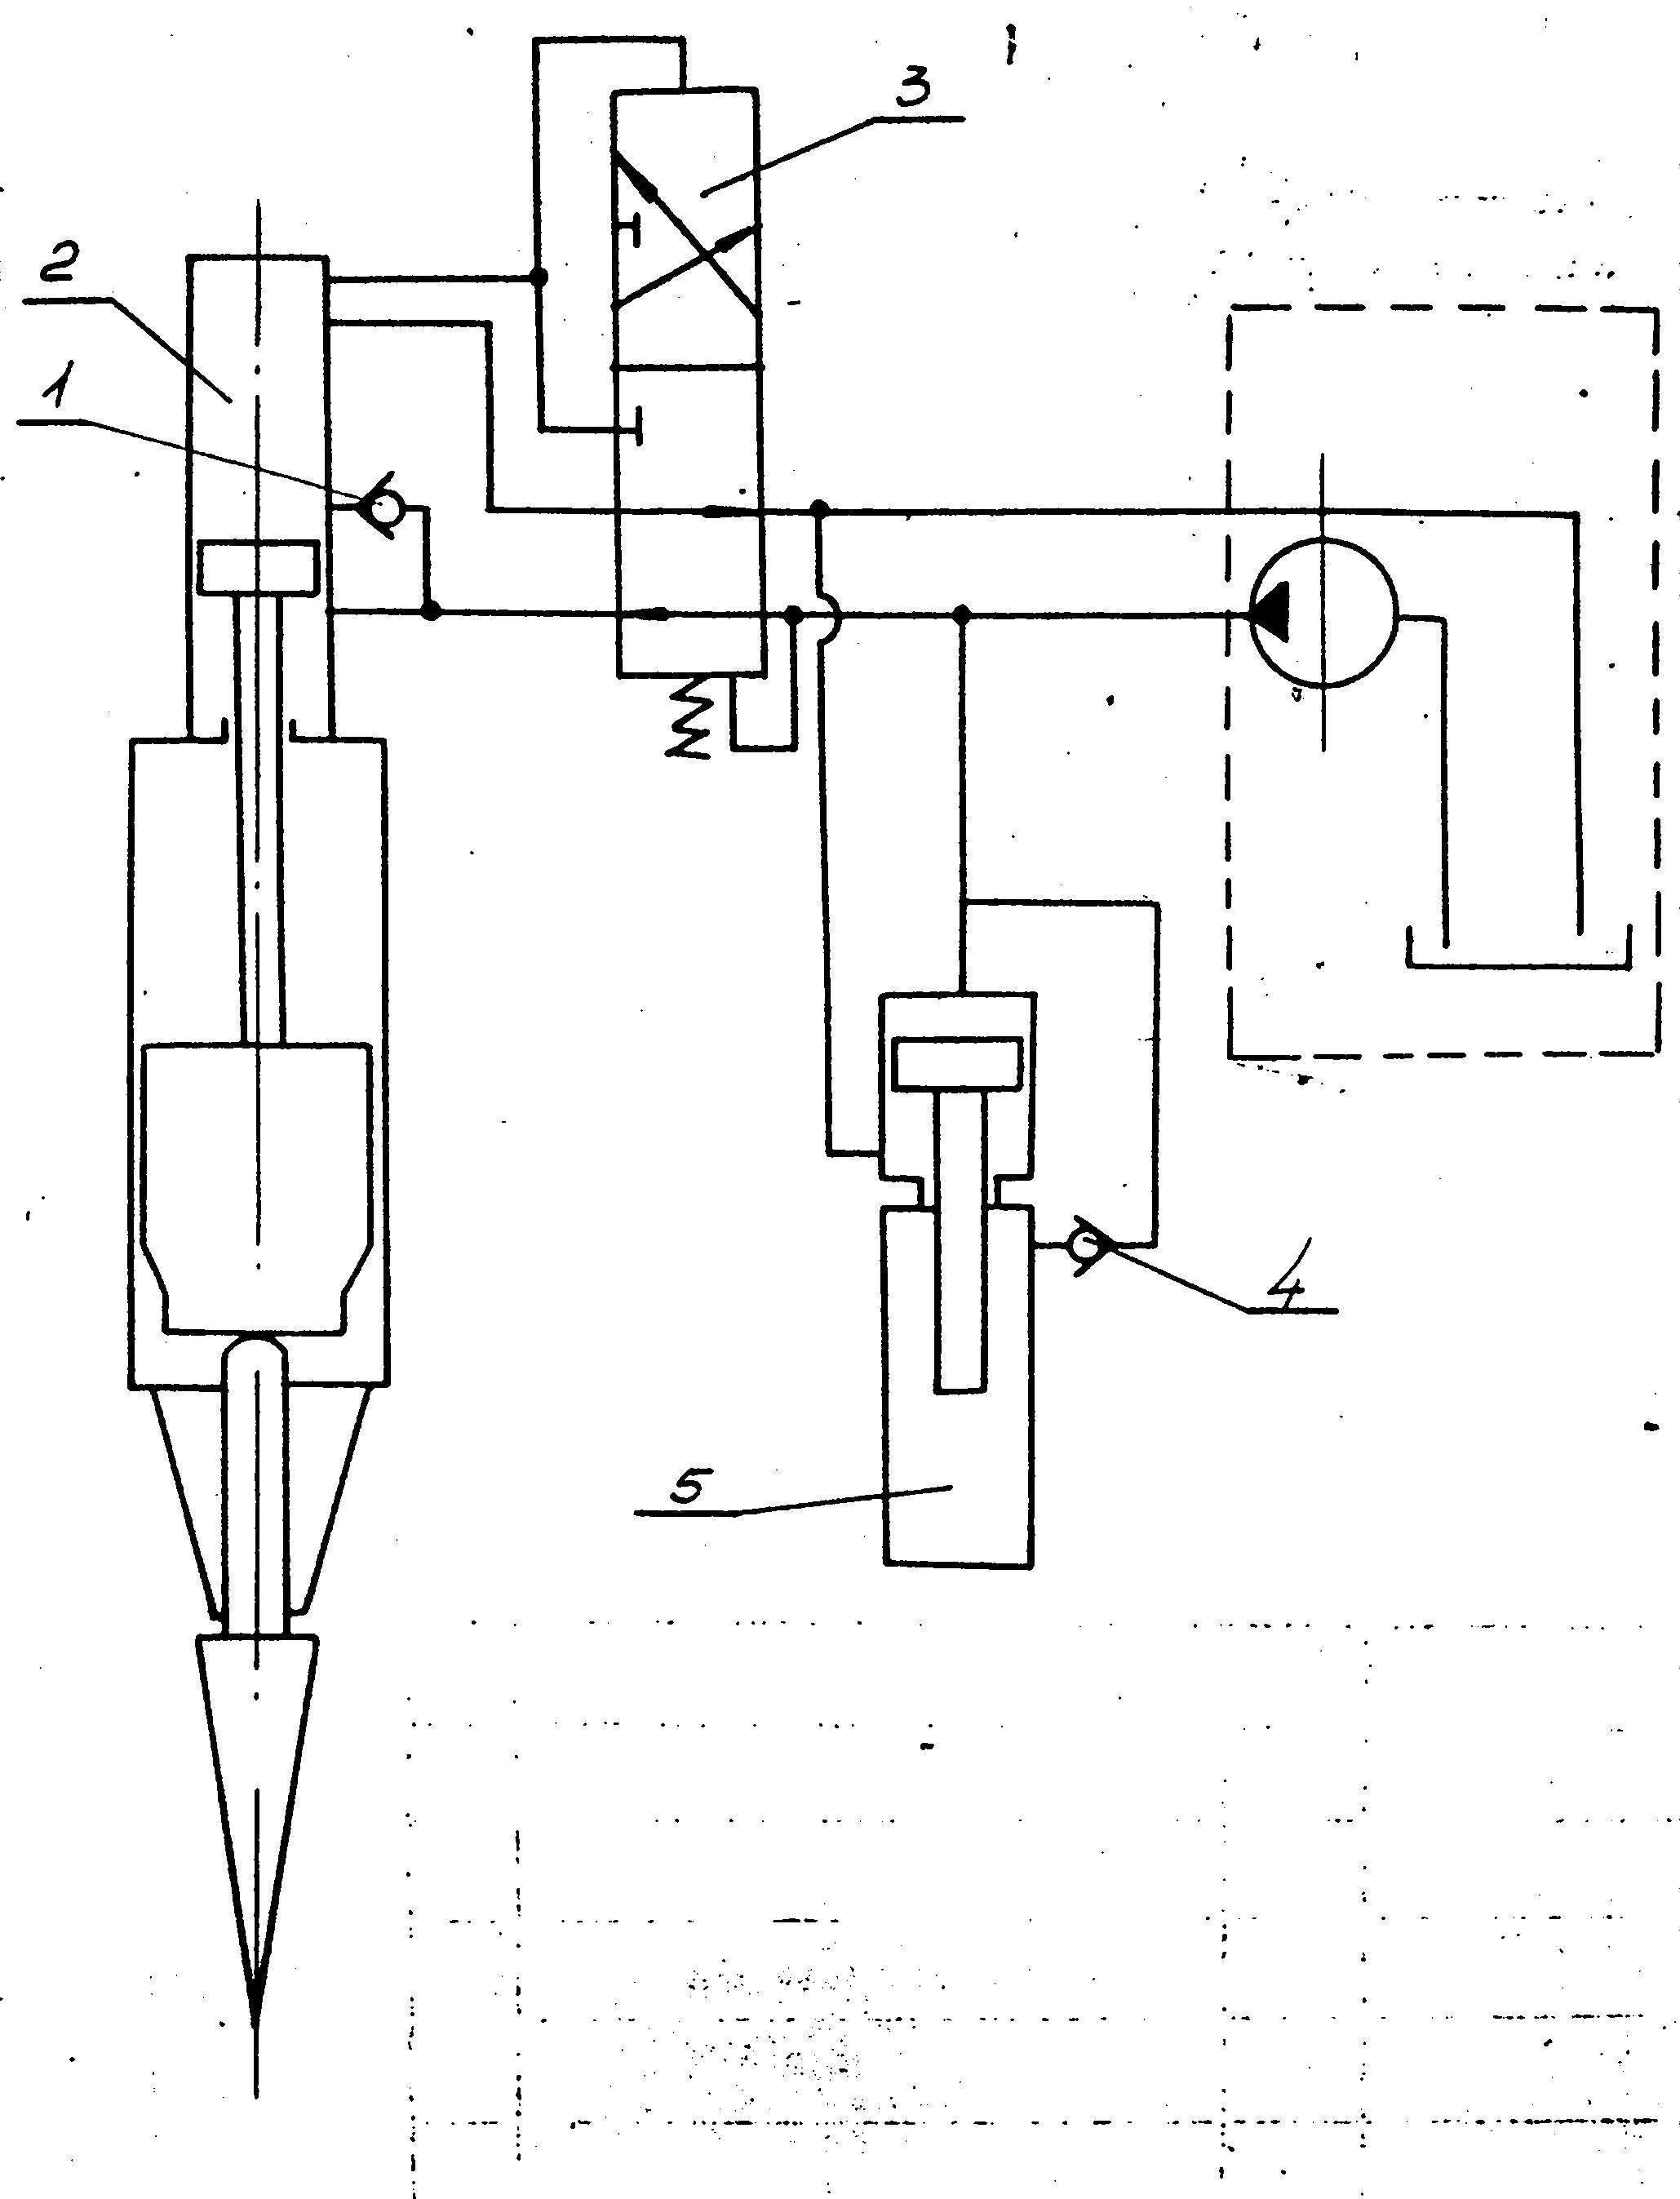 russian hydraulic demolition hammers vulcanhammer info Nitrogen Accumulator figure 6 hydraulic schematic of demolition hammer 1 check valve 2 working cylinder 3 control valve 4 check valve 5 fluid spring